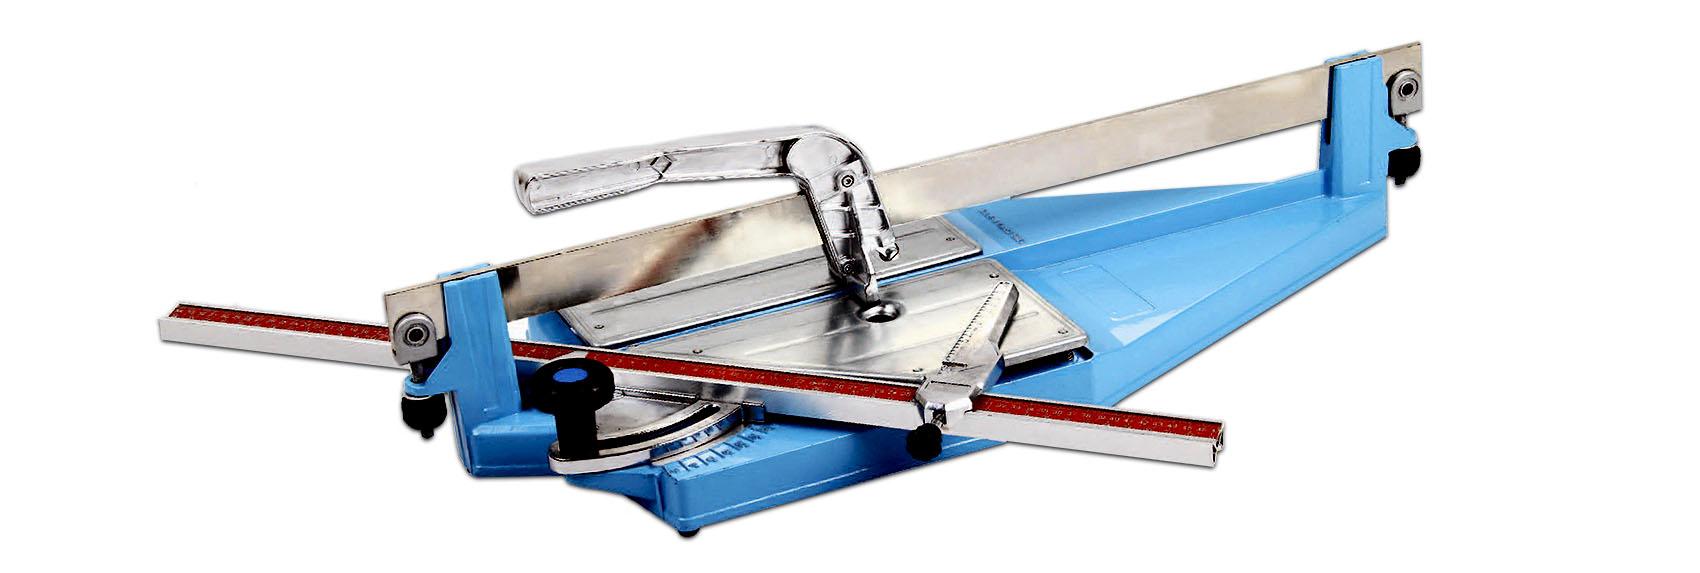 630 700 750 1000 1200 mm fliesenschneider fliesen. Black Bedroom Furniture Sets. Home Design Ideas